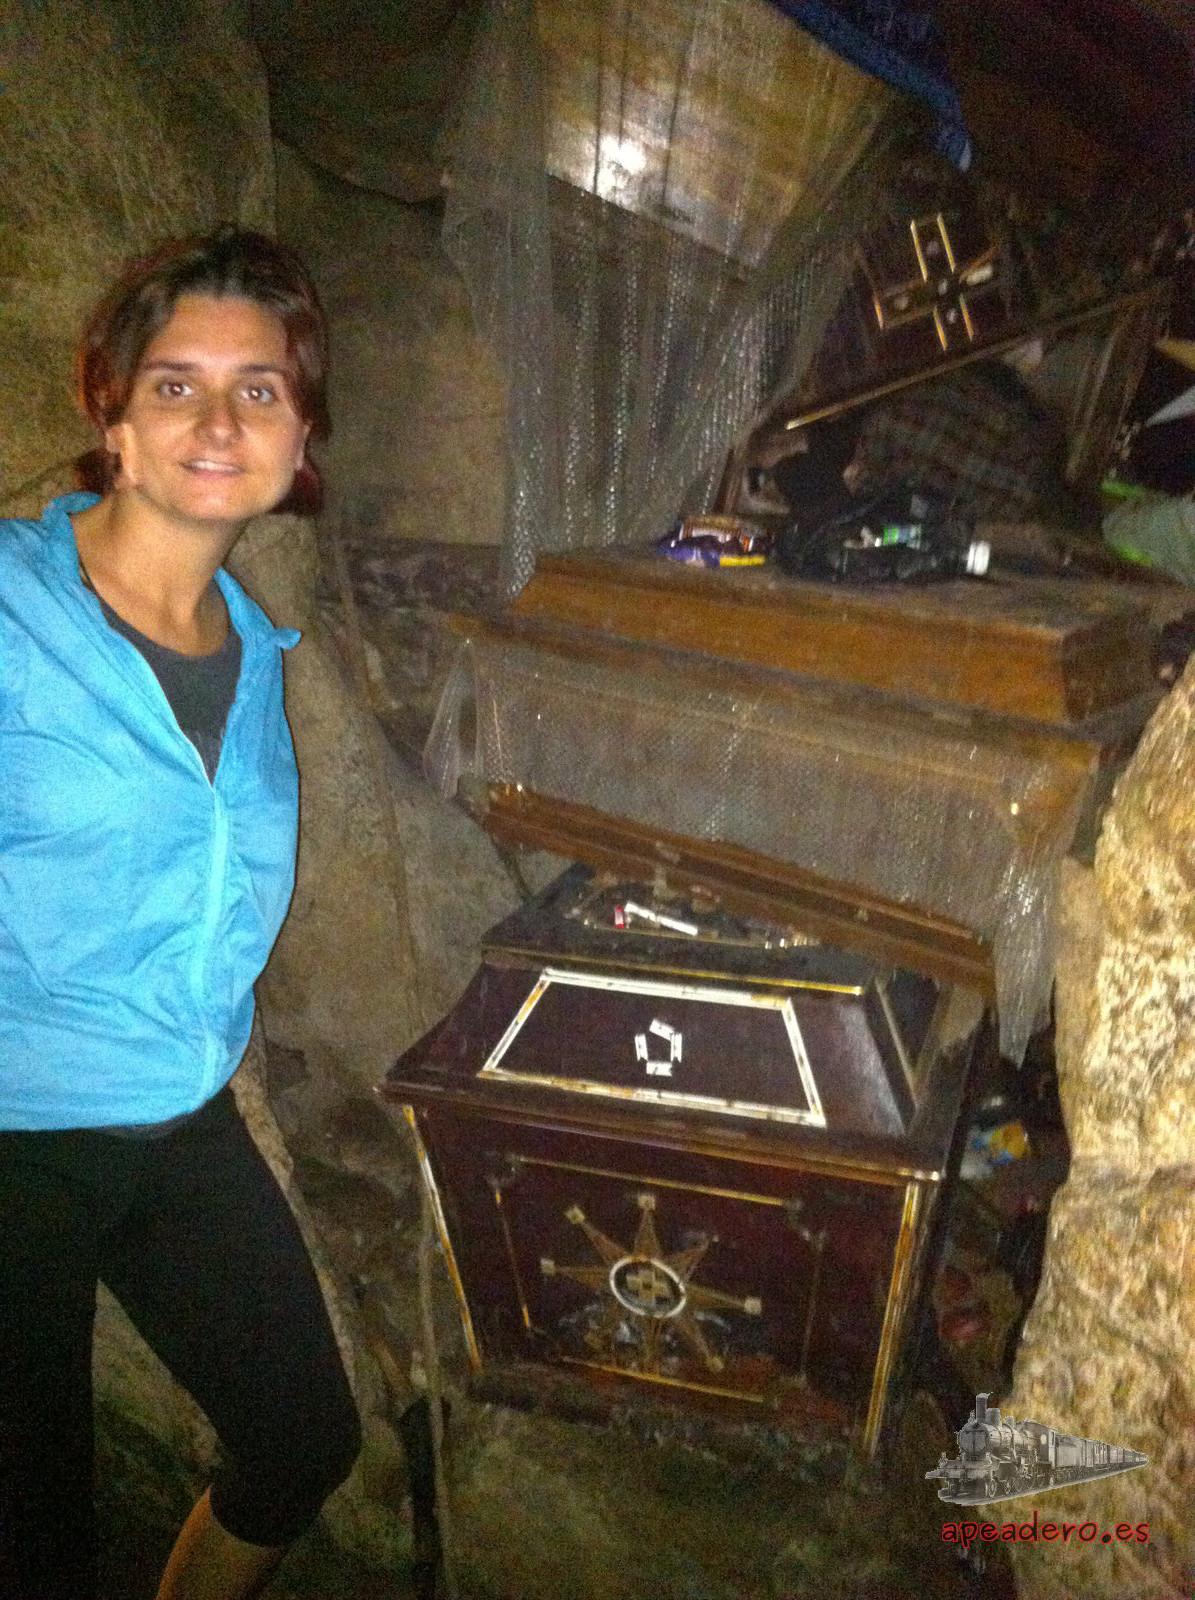 Los ataudes apilados en el interior de la cueva con pequeñas ofrenda en forma de billetes, monedas o caramelos recuerdan a ciertas películas de terror.